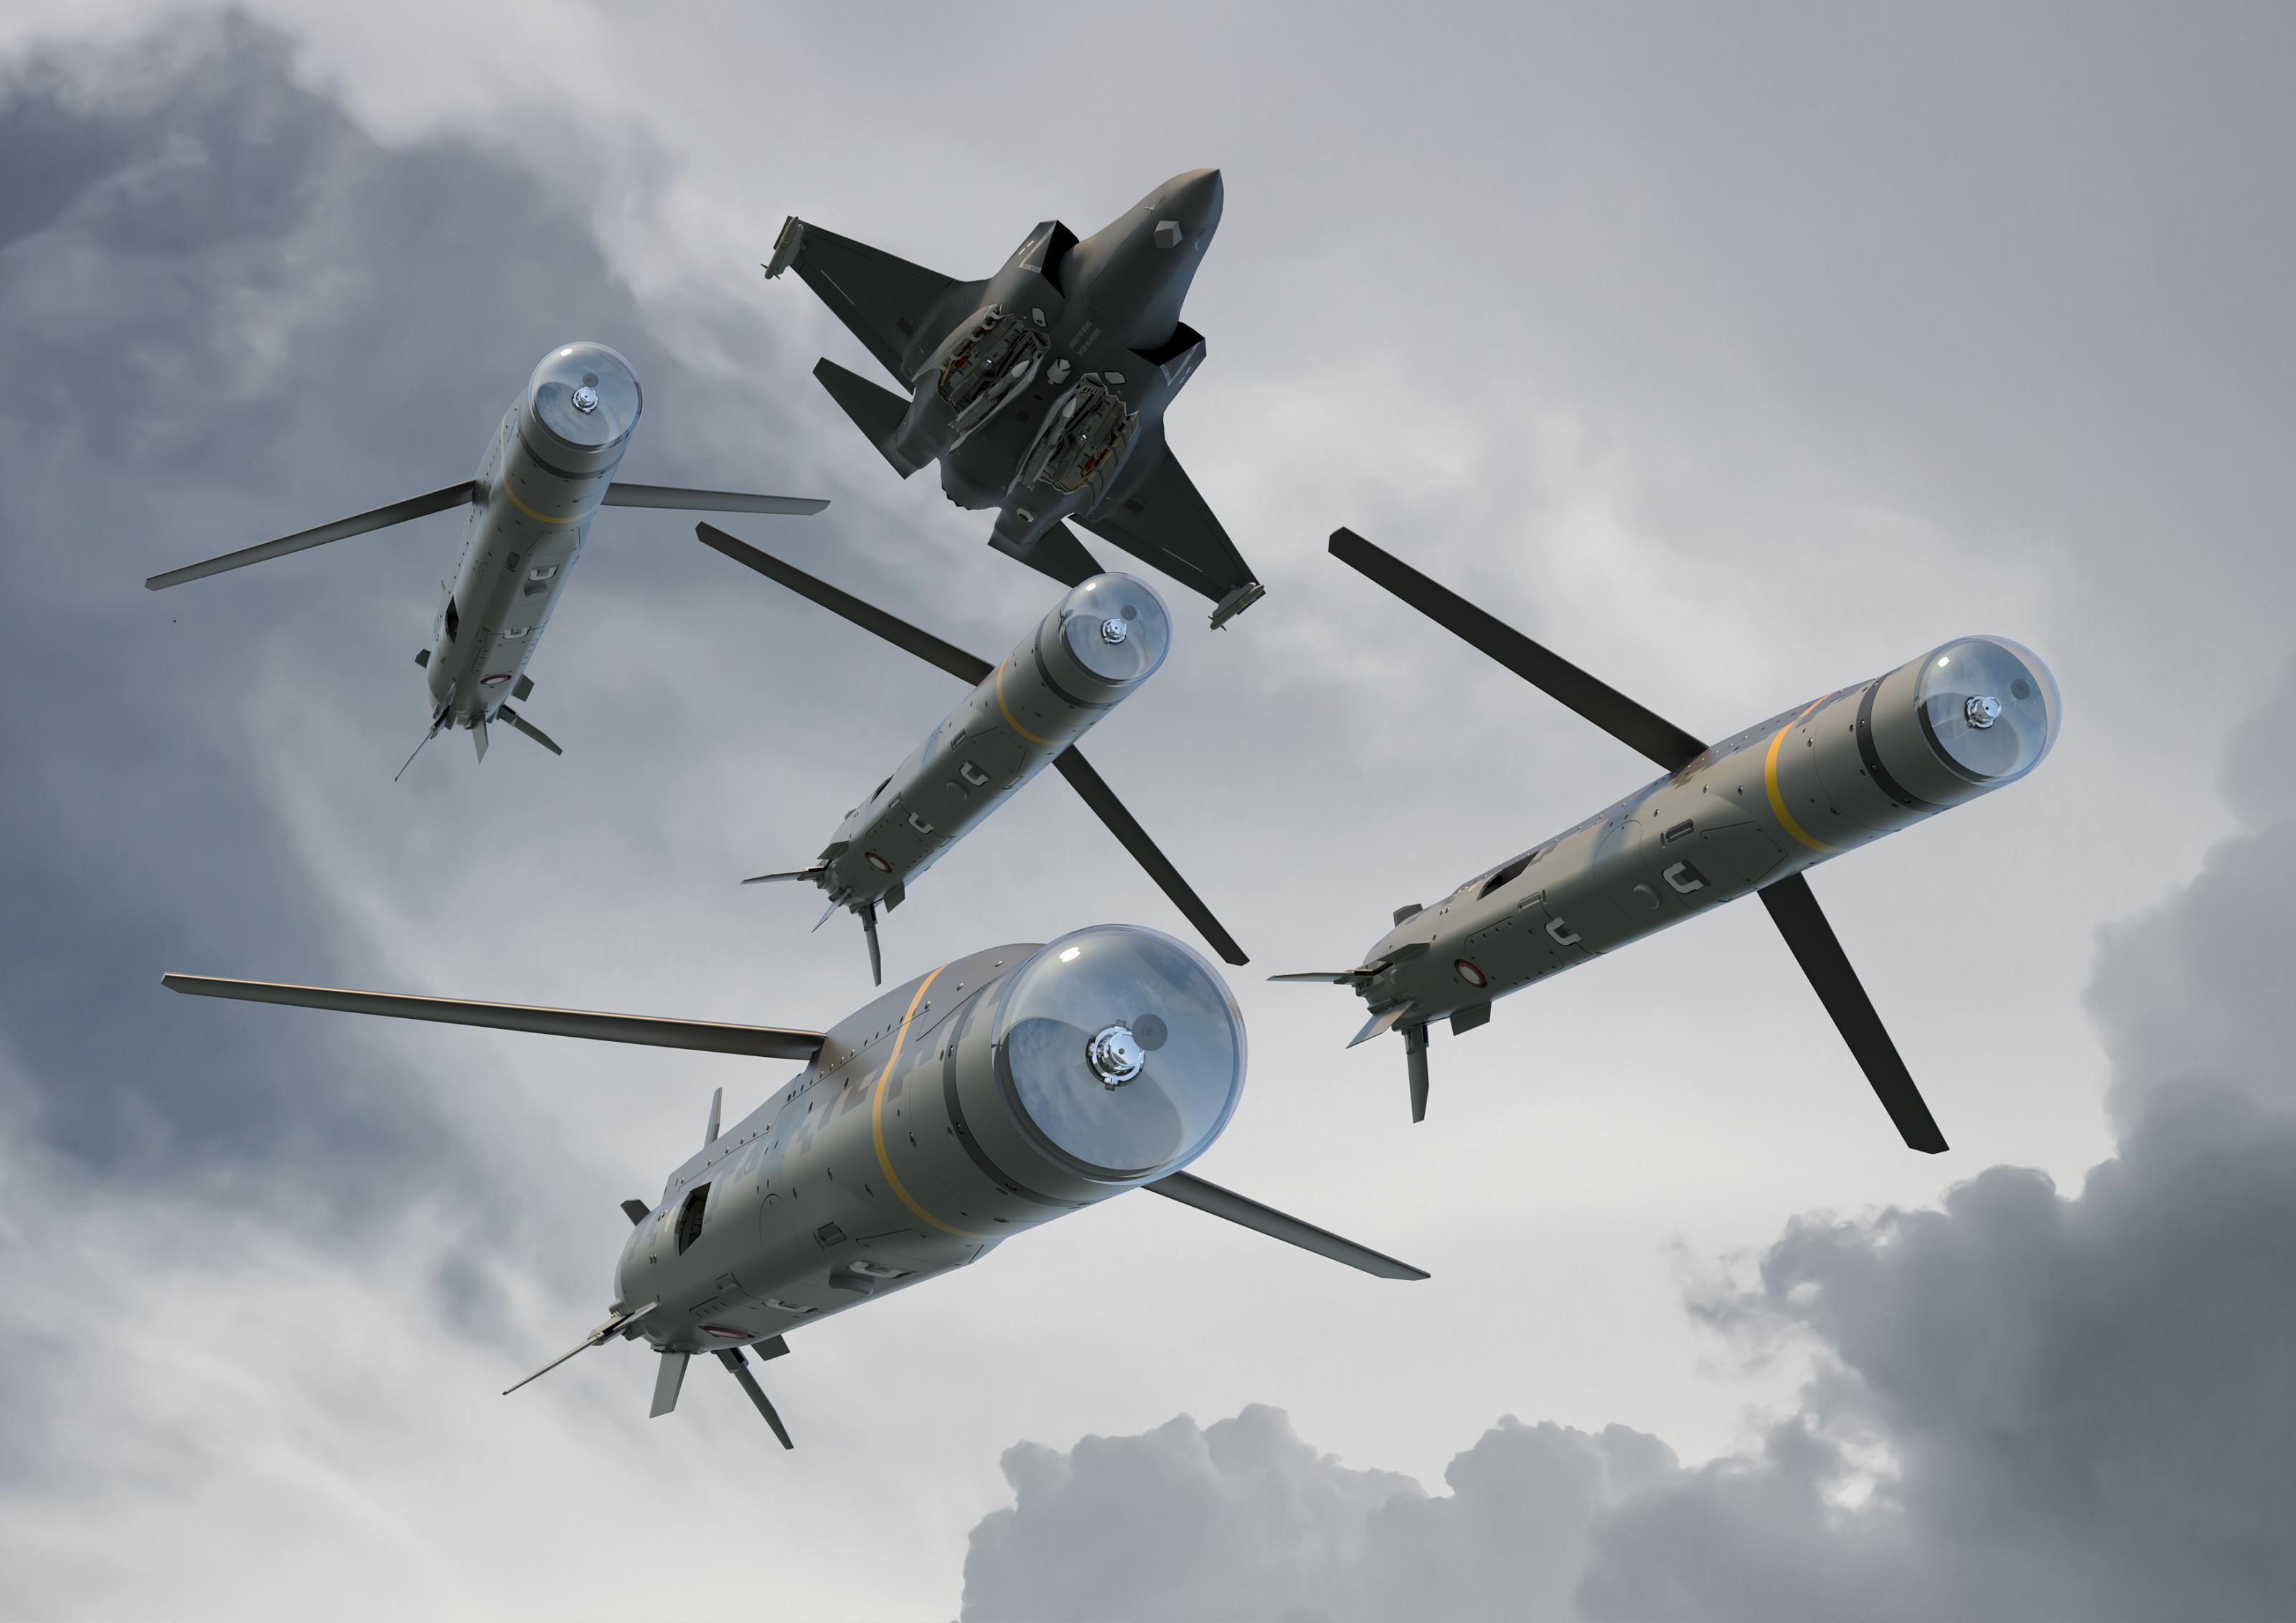 Малогабаритные крылатые ракеты SPEAR3 для вооруженных сил Великобритании оружие